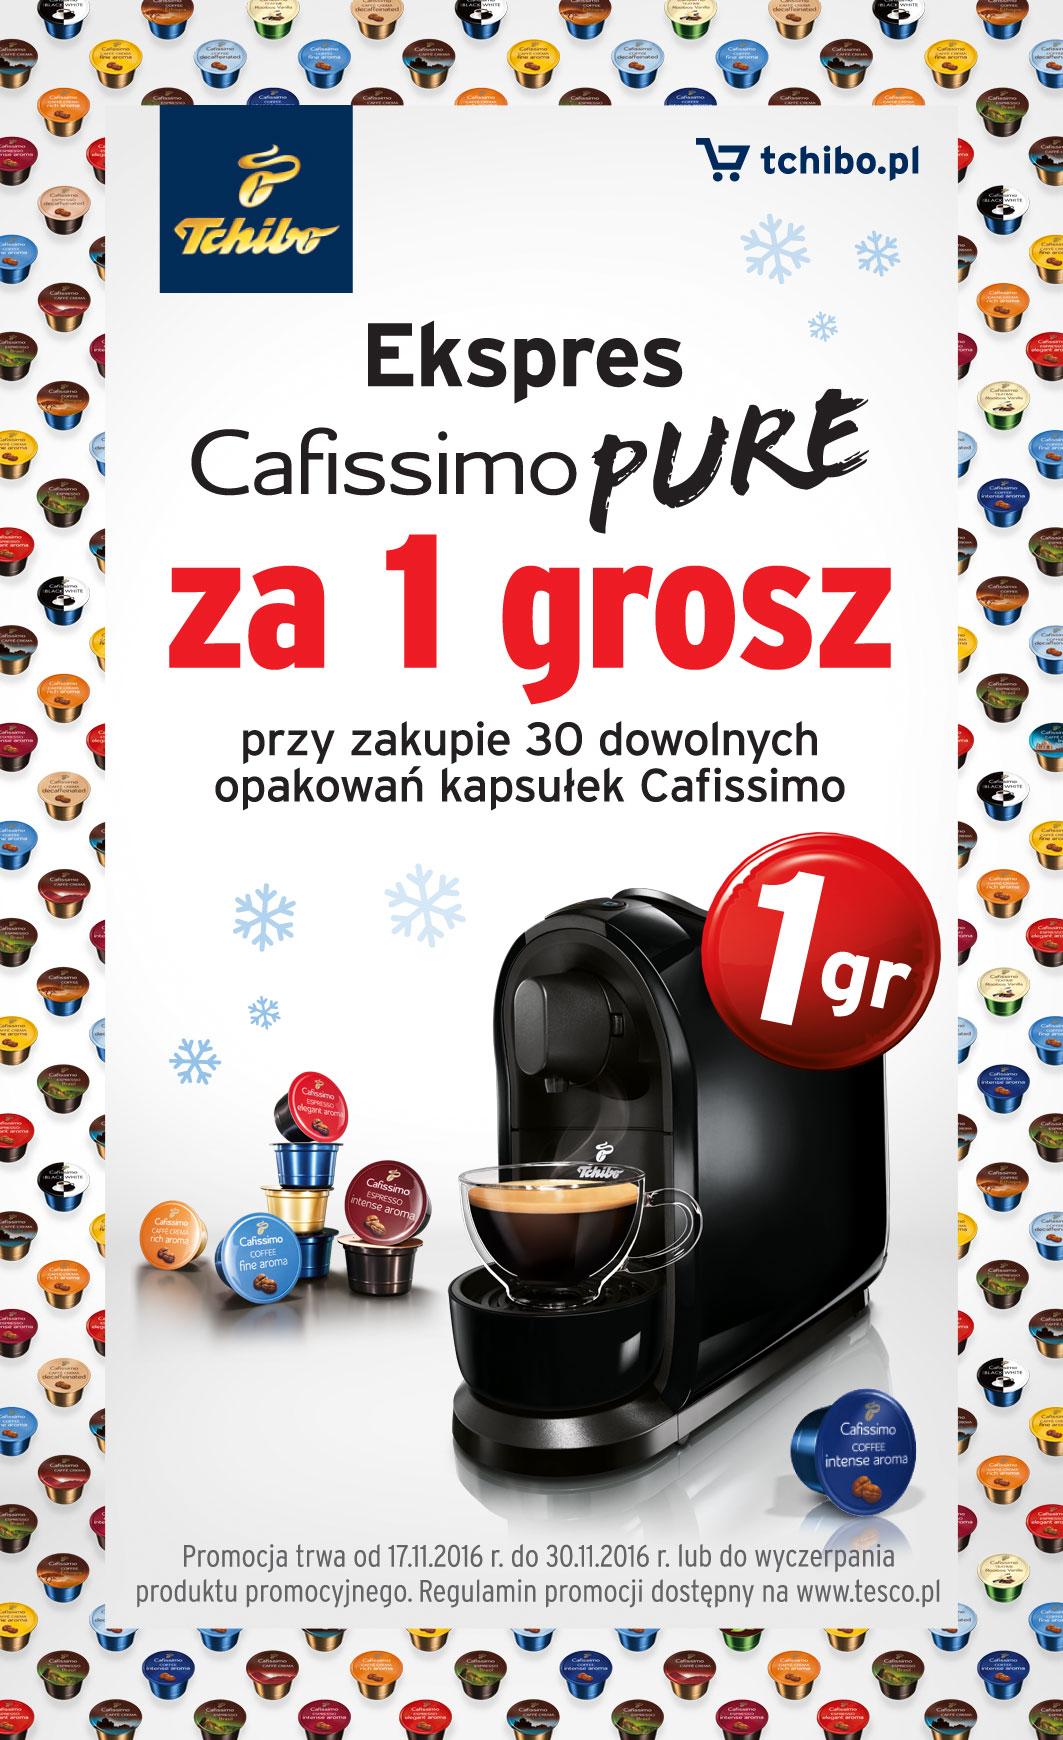 Ekspres Cafissimo Pure za 1 grosz przy zakupie 30 opakowań kapsułek @ Tesco